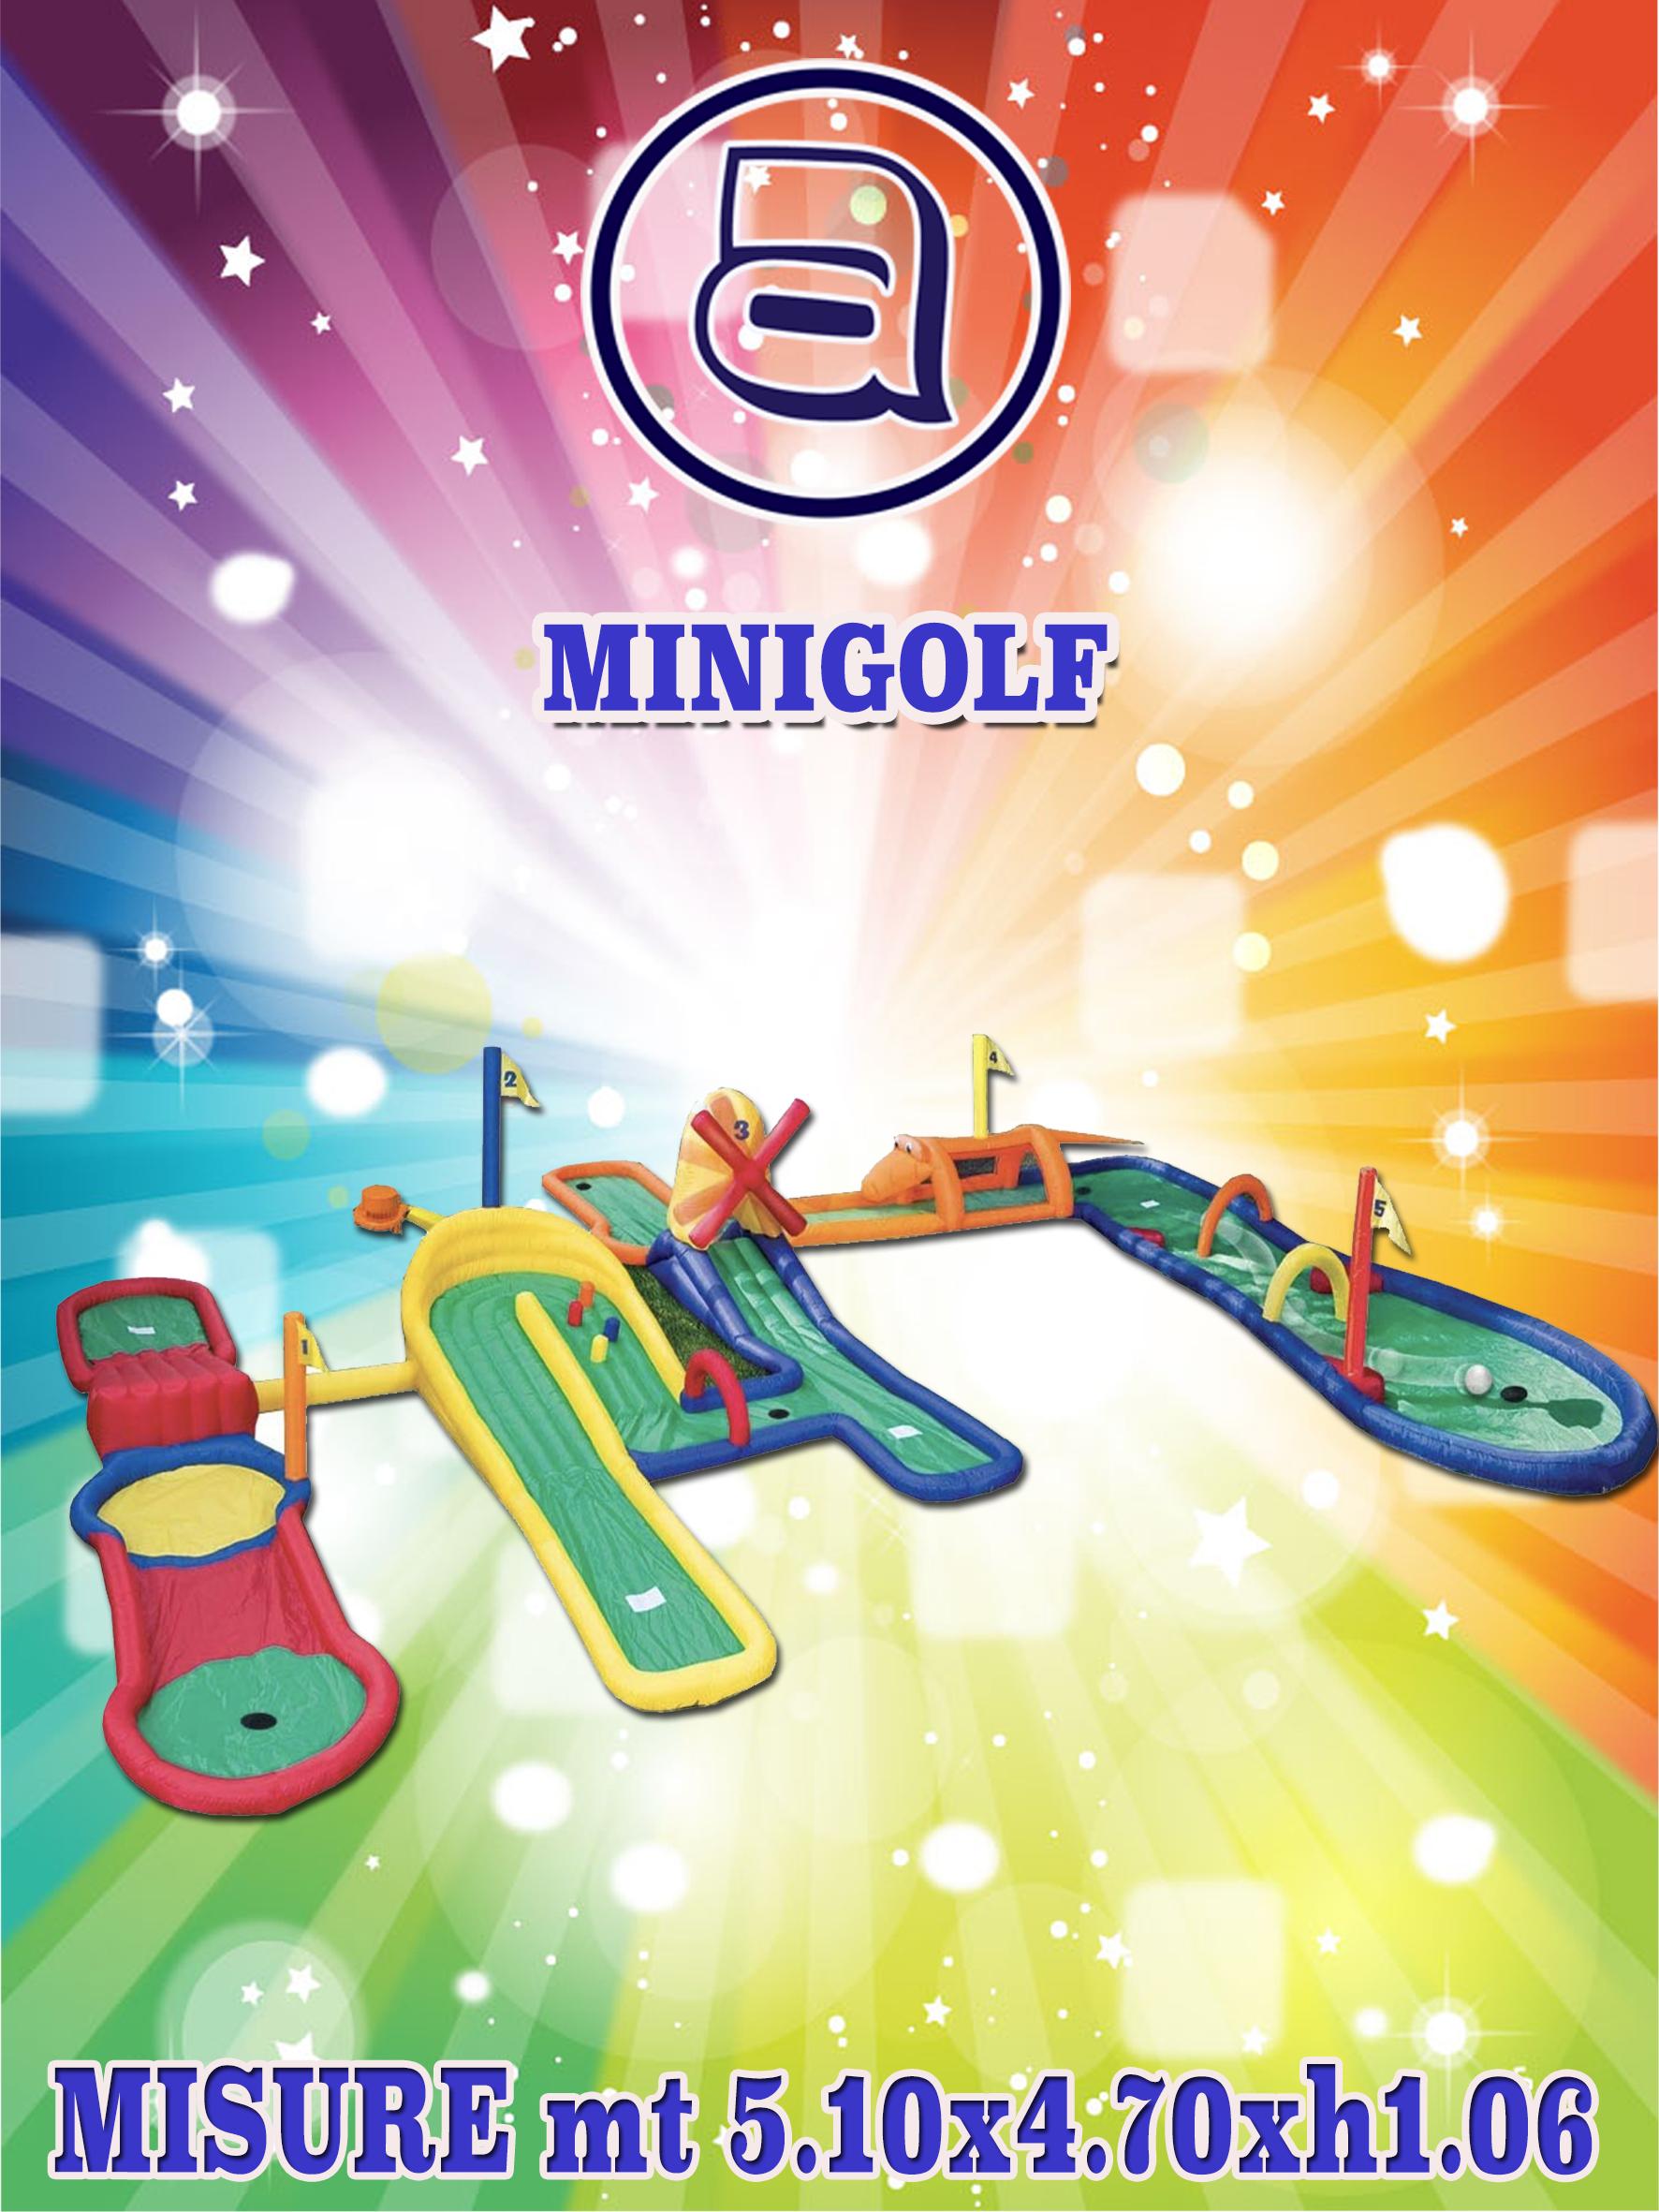 minigolf-gonfiabile